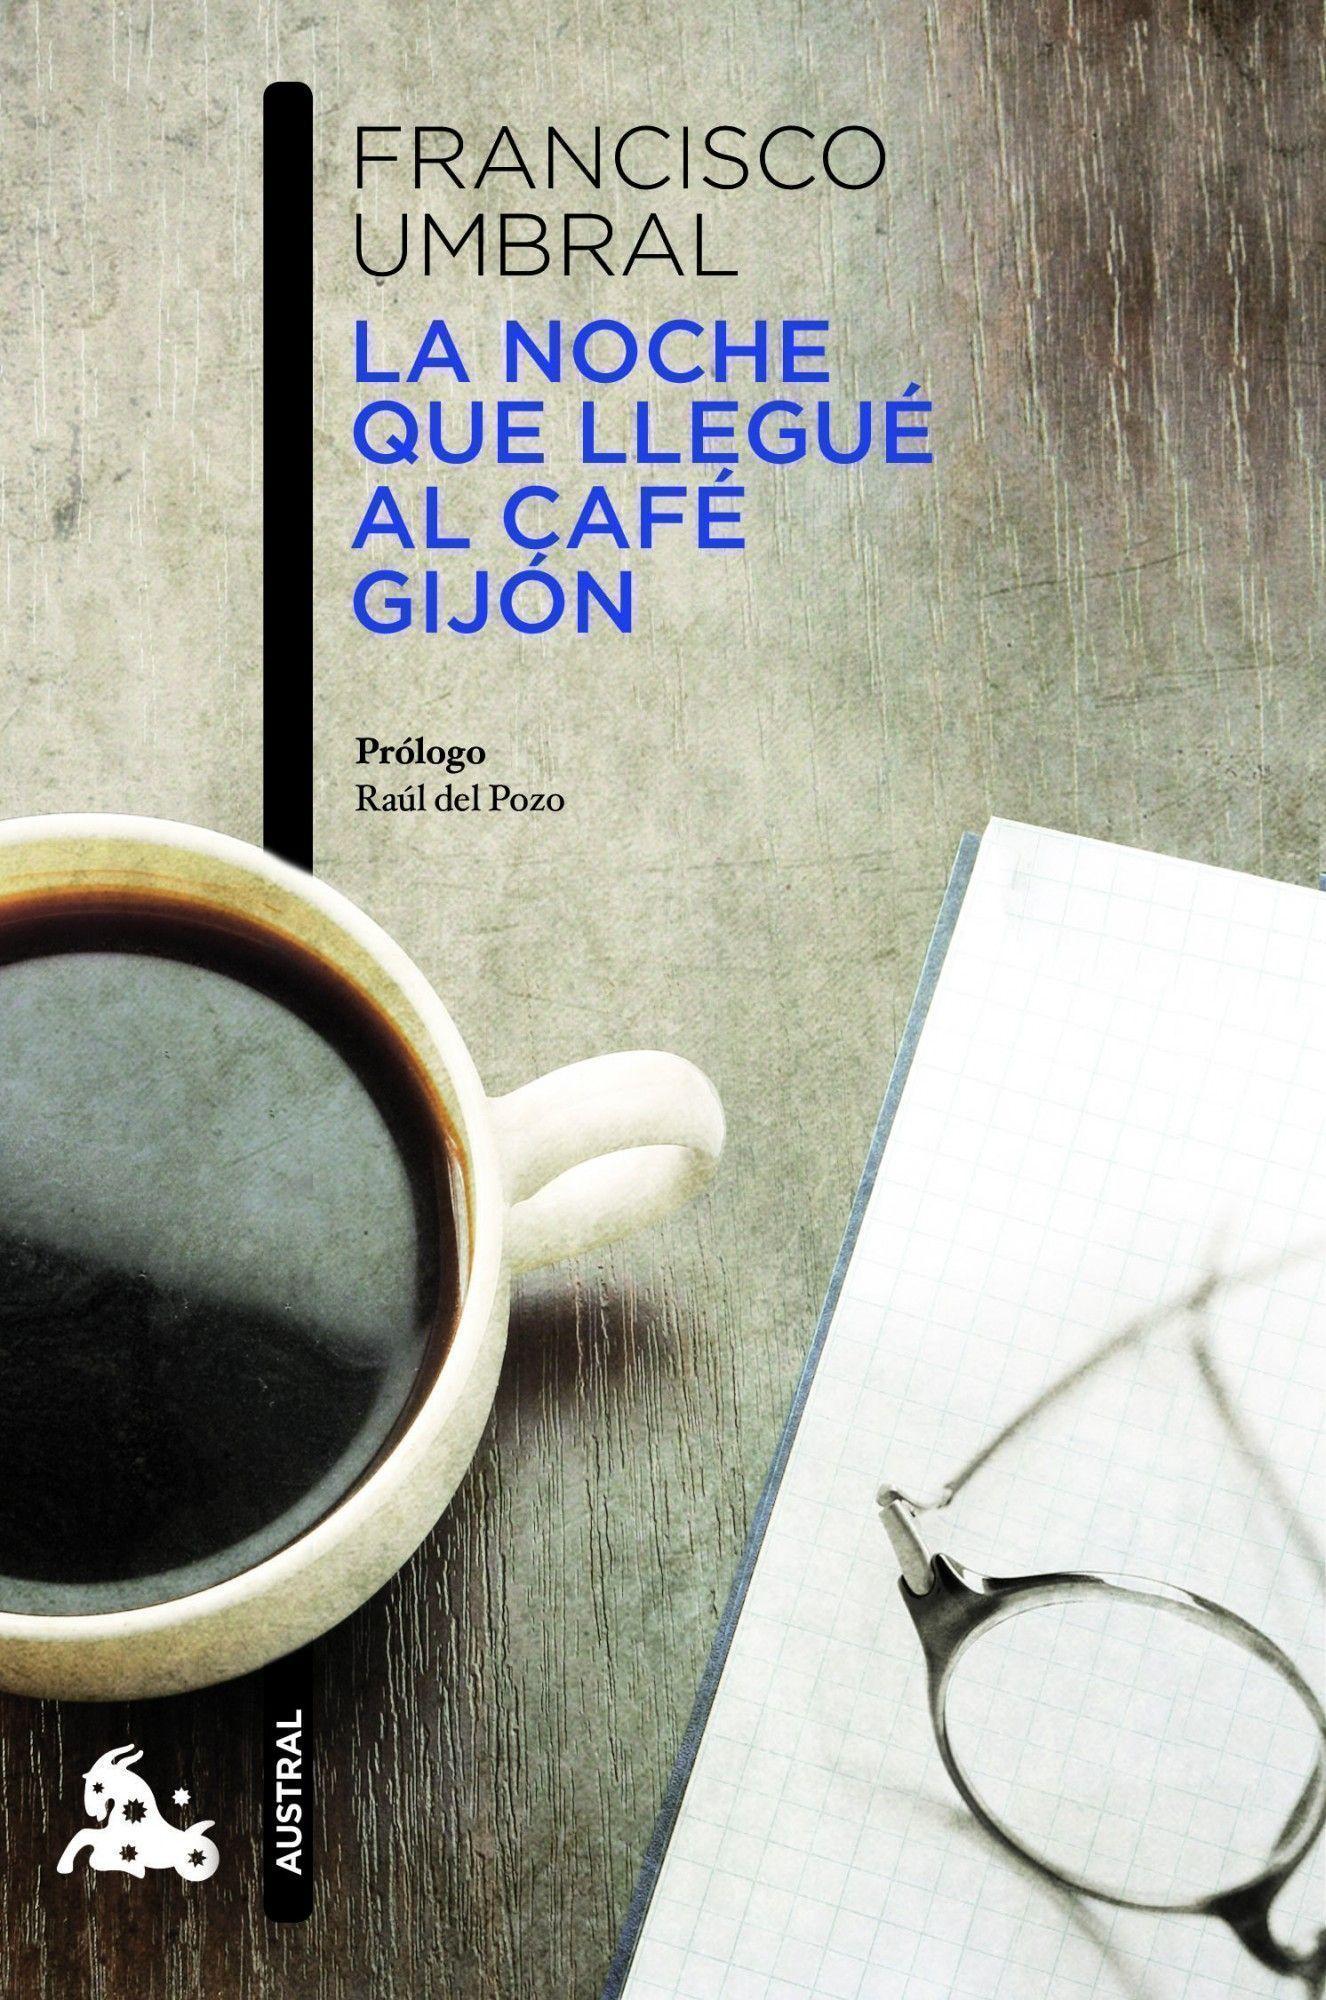 portada_la-noche-que-llegue-al-cafe-gijon_francisco-umbral_201505261207.jpg (1326×2000)